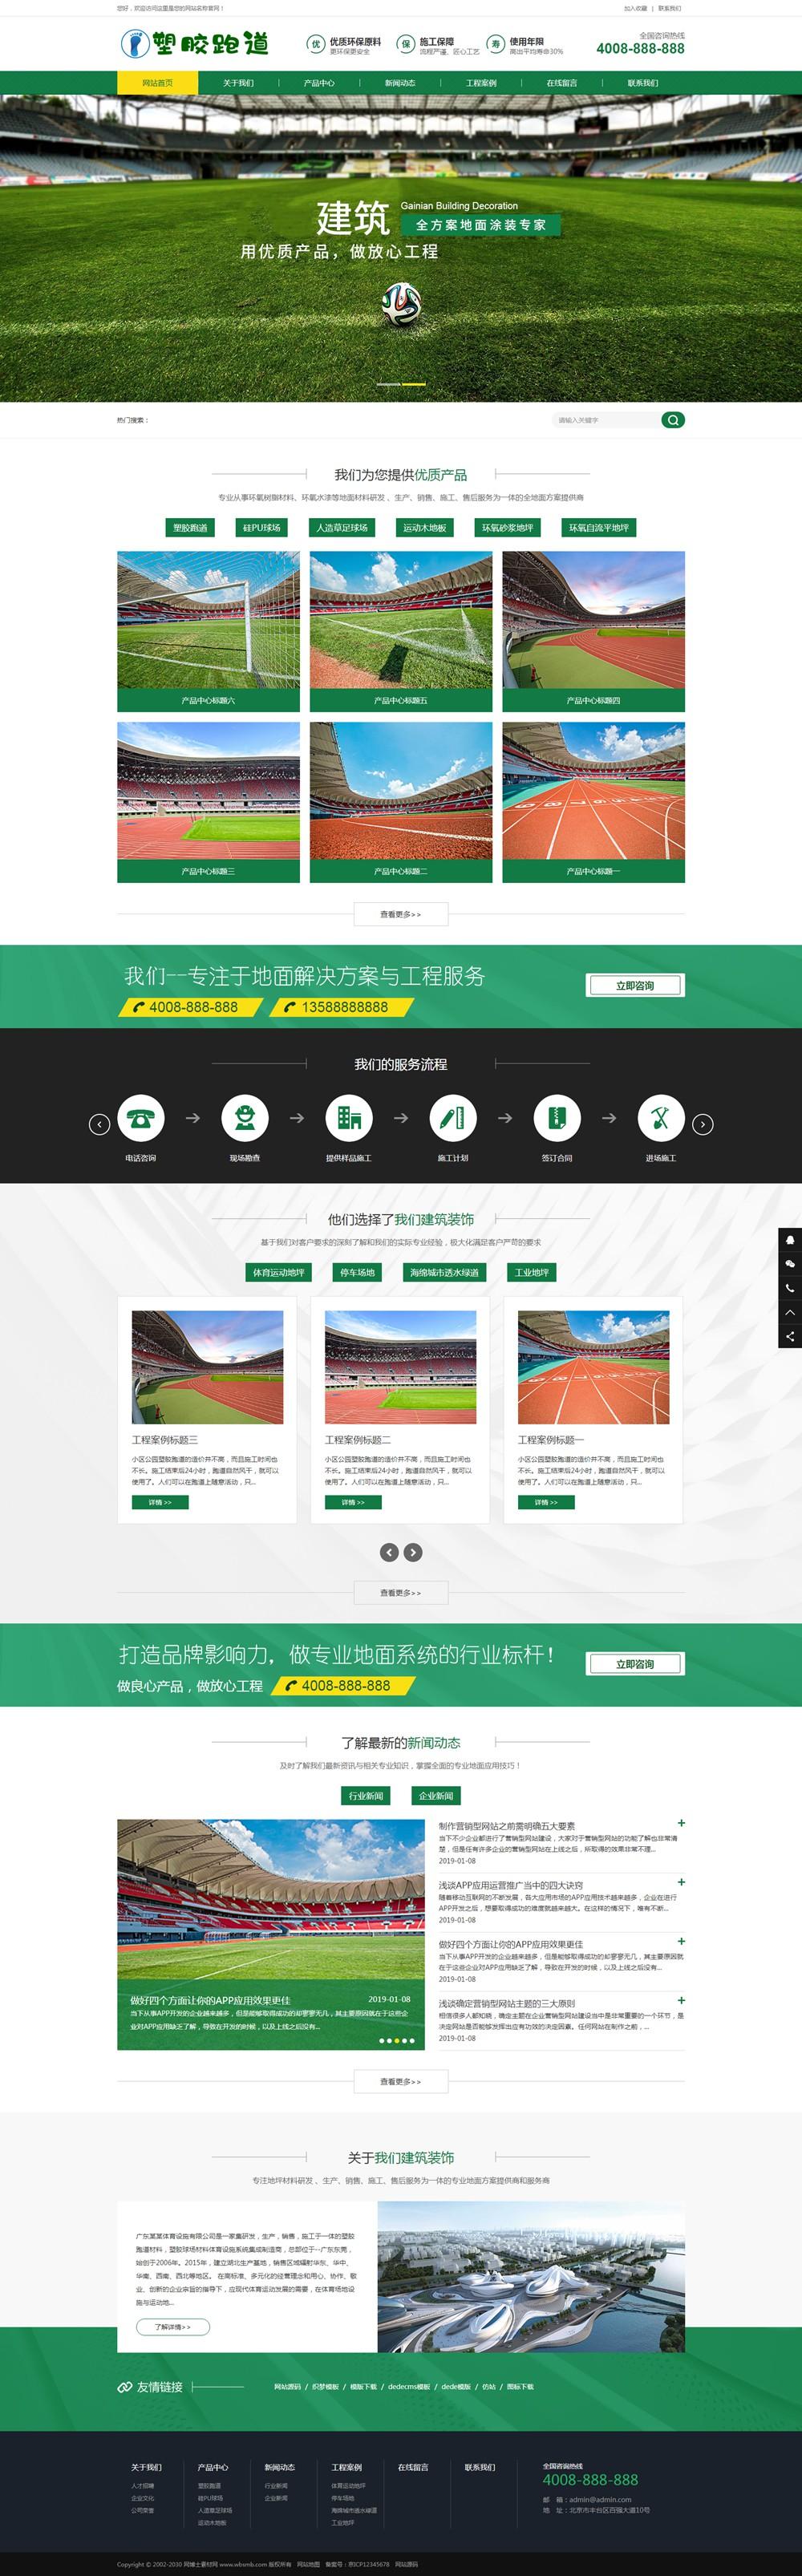 (带手机版数据同步)体育场地塑胶材料类网站织梦模板 学校塑胶跑道户外运动设备网站